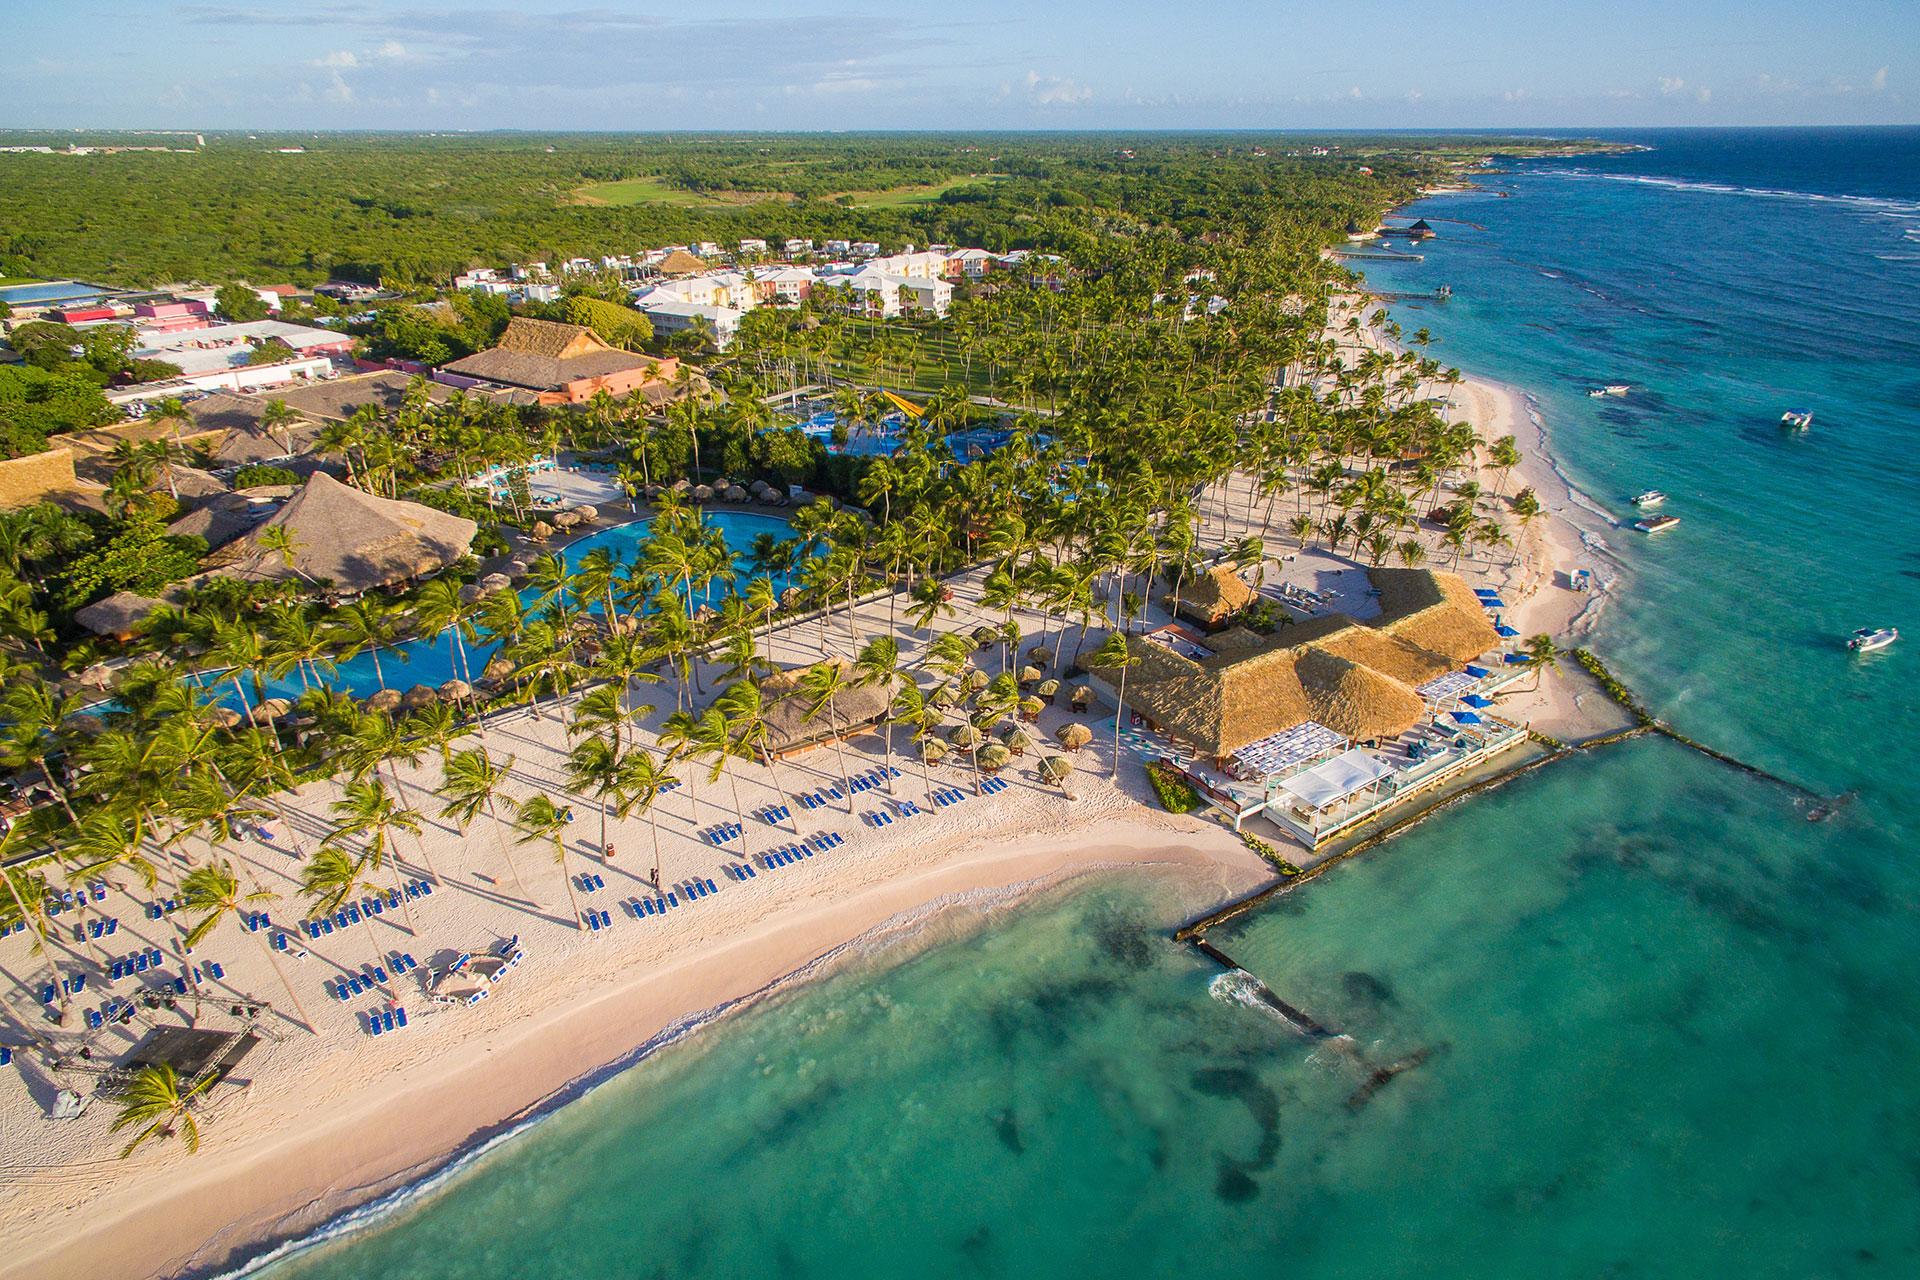 Club Med Punta Cana; Courtesy of Club Med Punta Cana